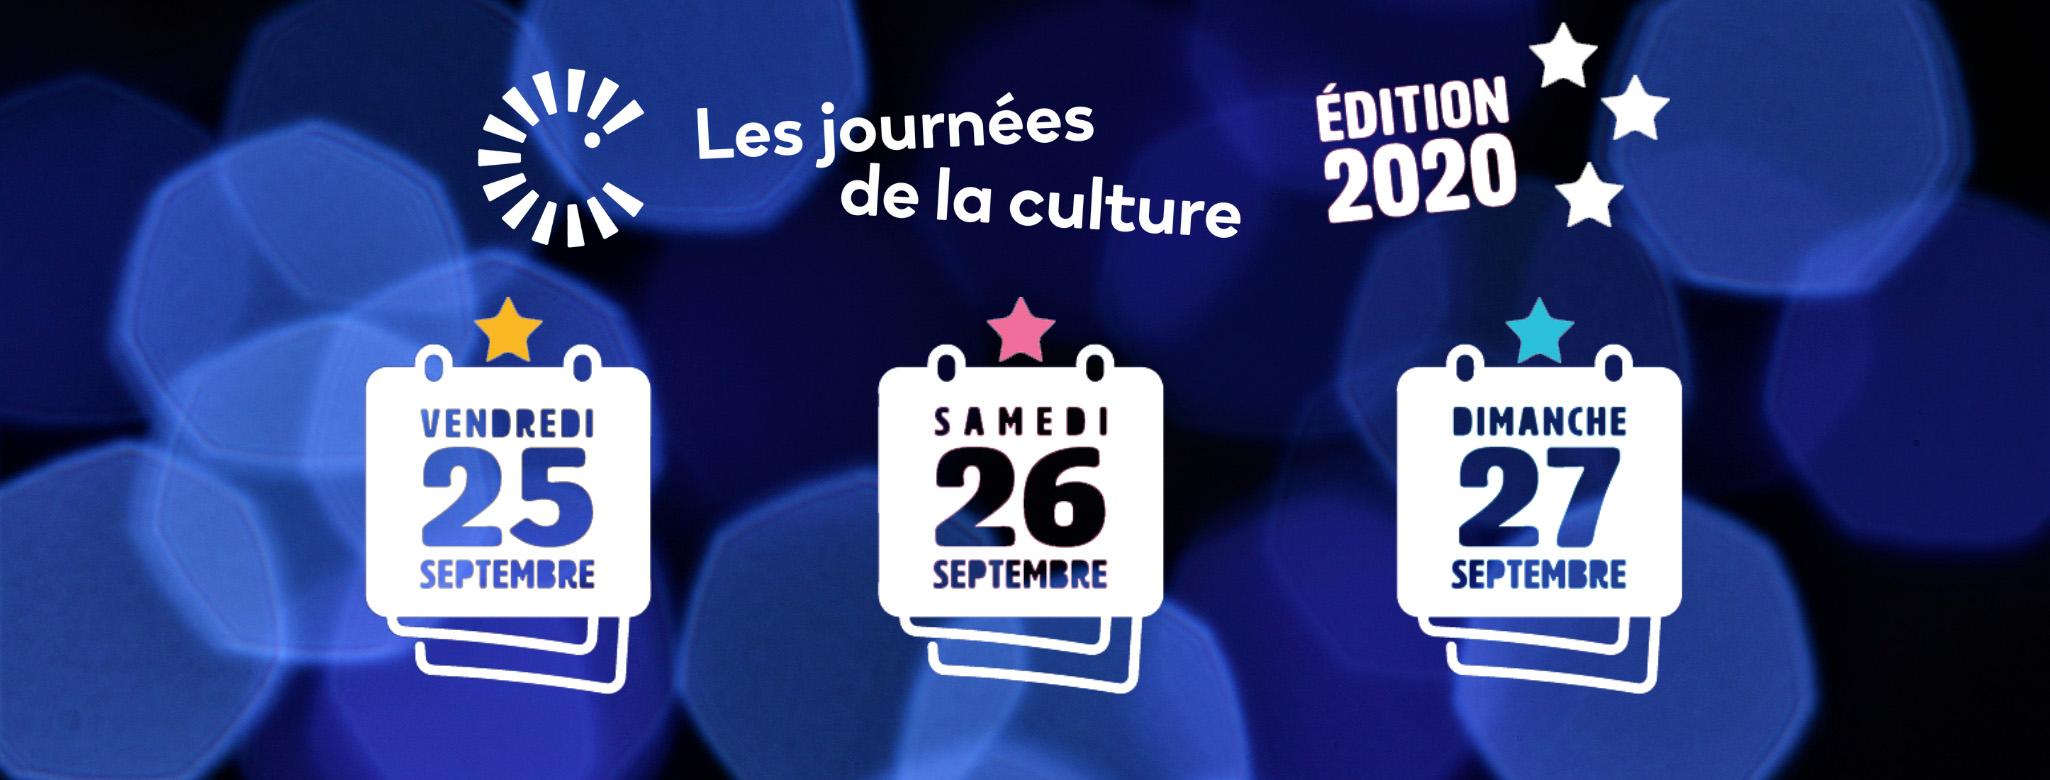 journée de la culture 2020